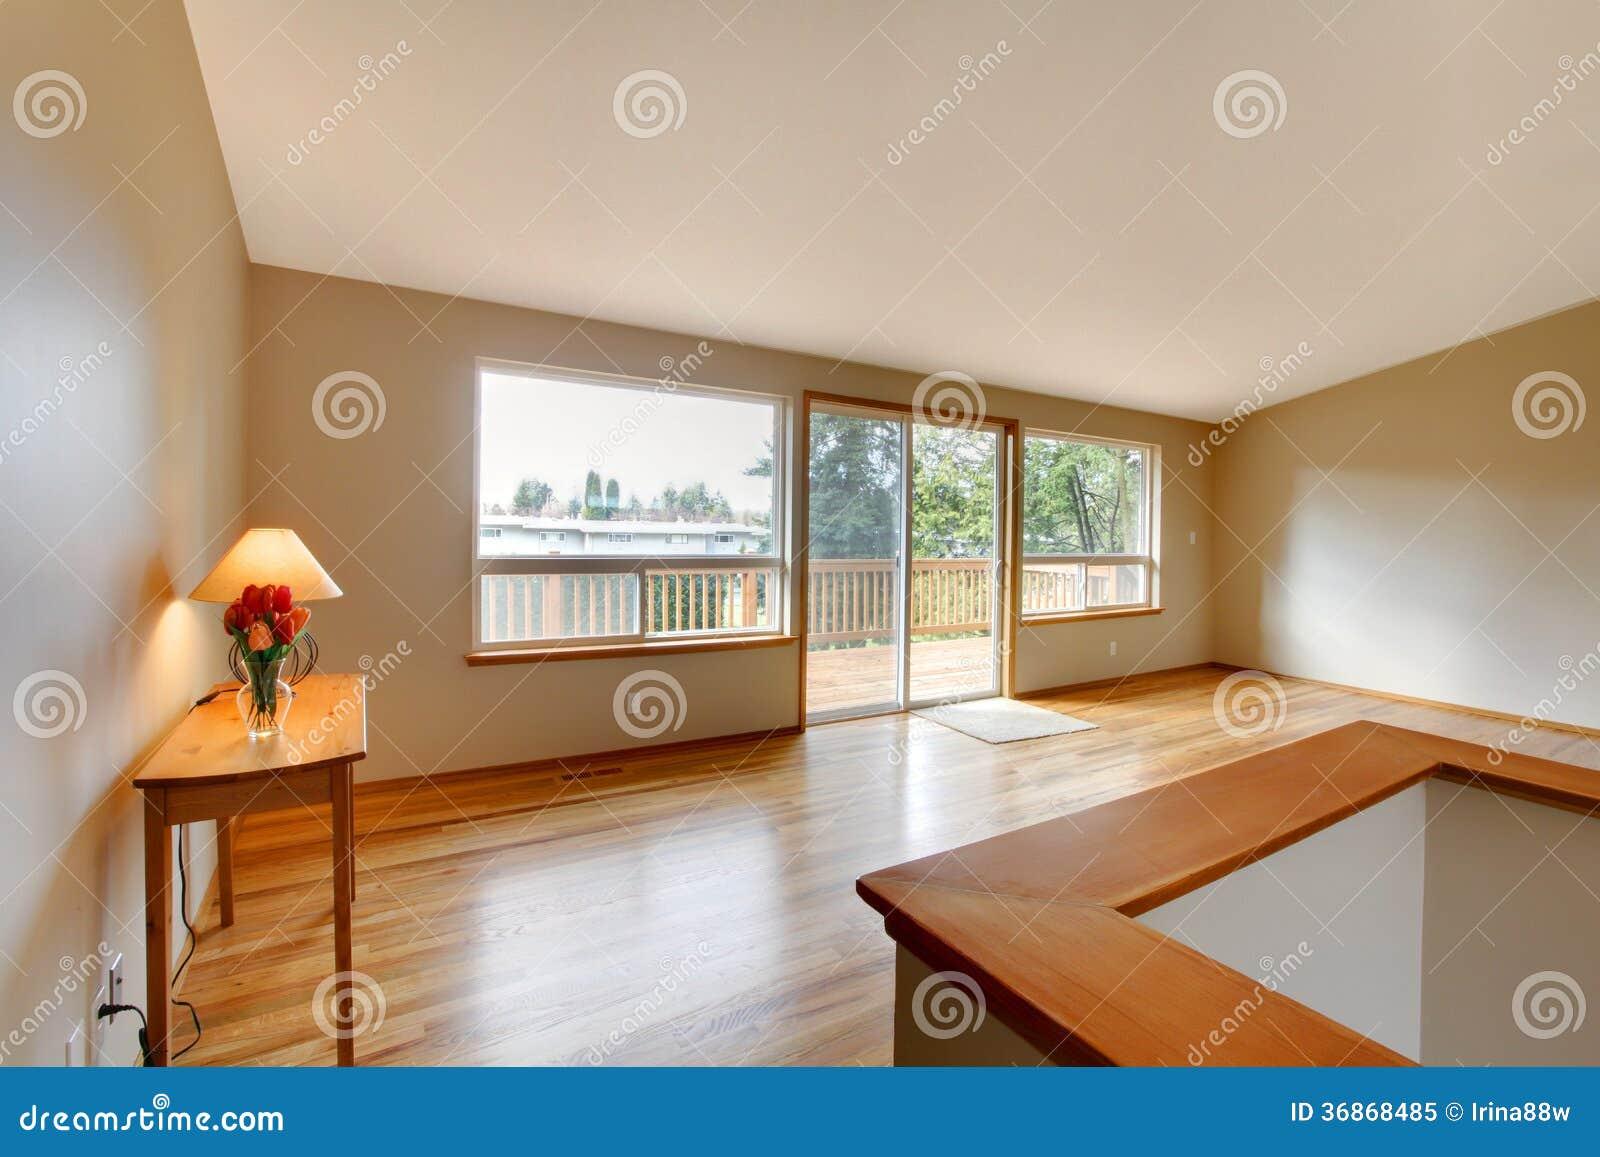 Leeres Wohnzimmer Mit Einer Glasschiebetür Lizenzfreies